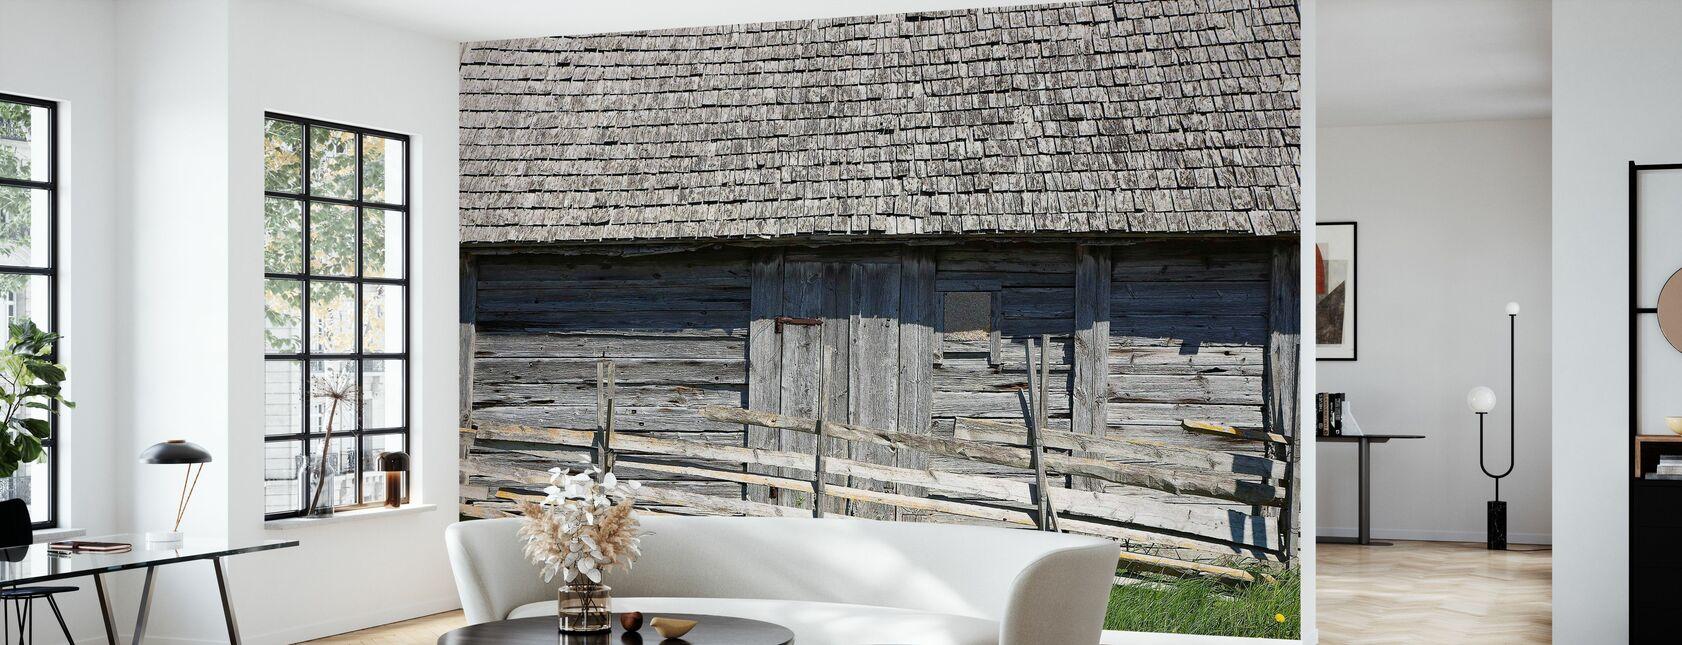 Old Grain Store - Wallpaper - Living Room